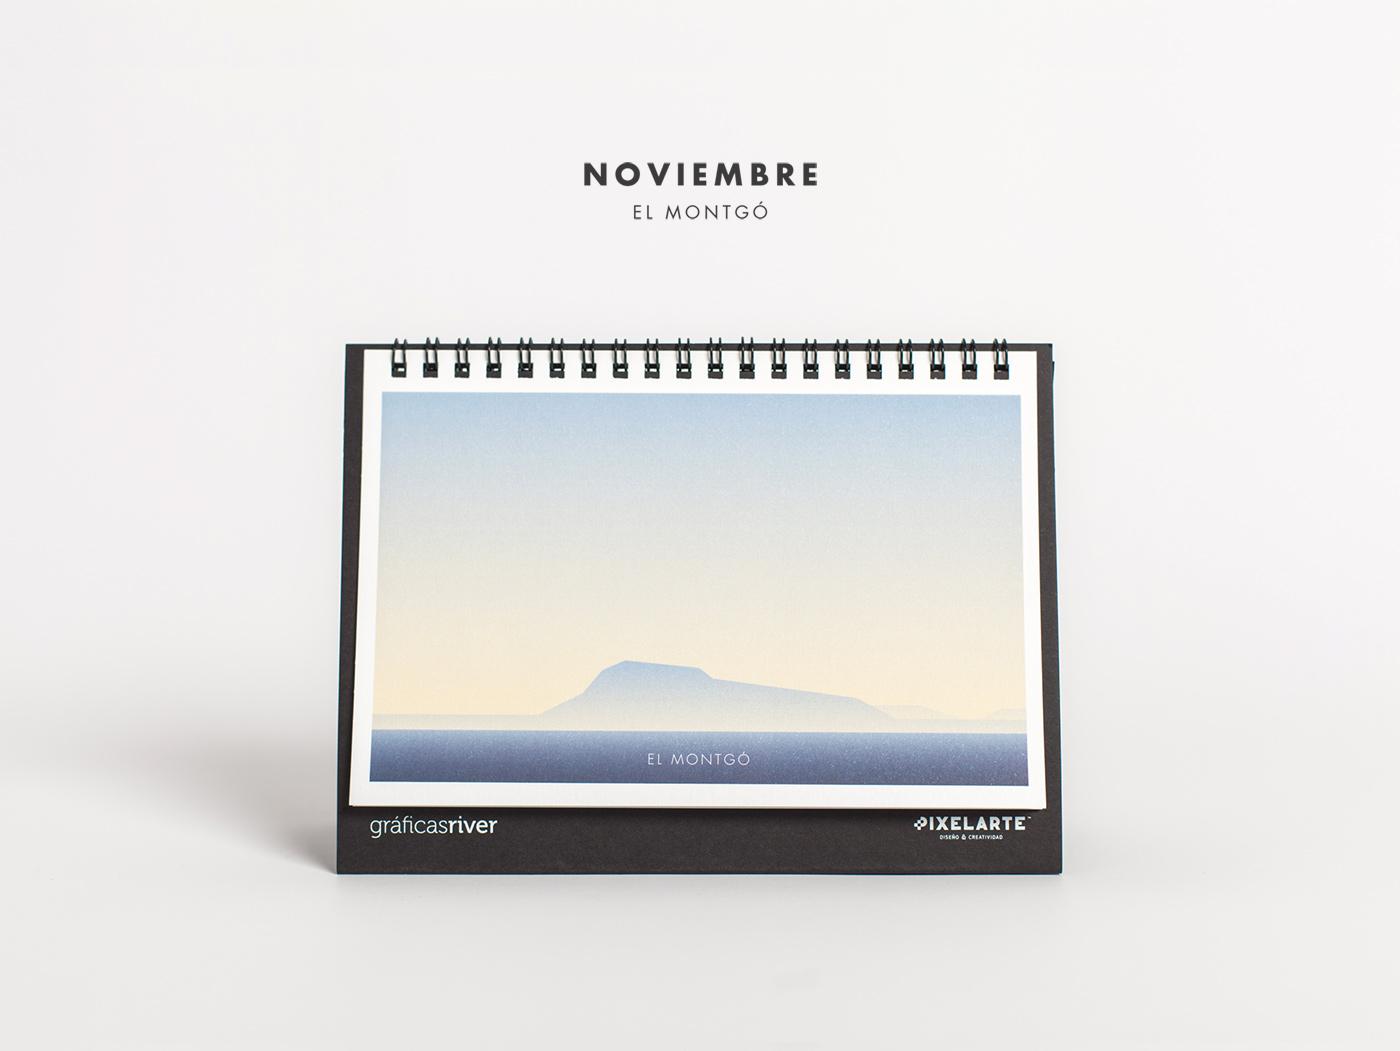 pixelarte-estudio-diseno-grafico-calendario-parques-comunidad_valenciana-noviembre-2016